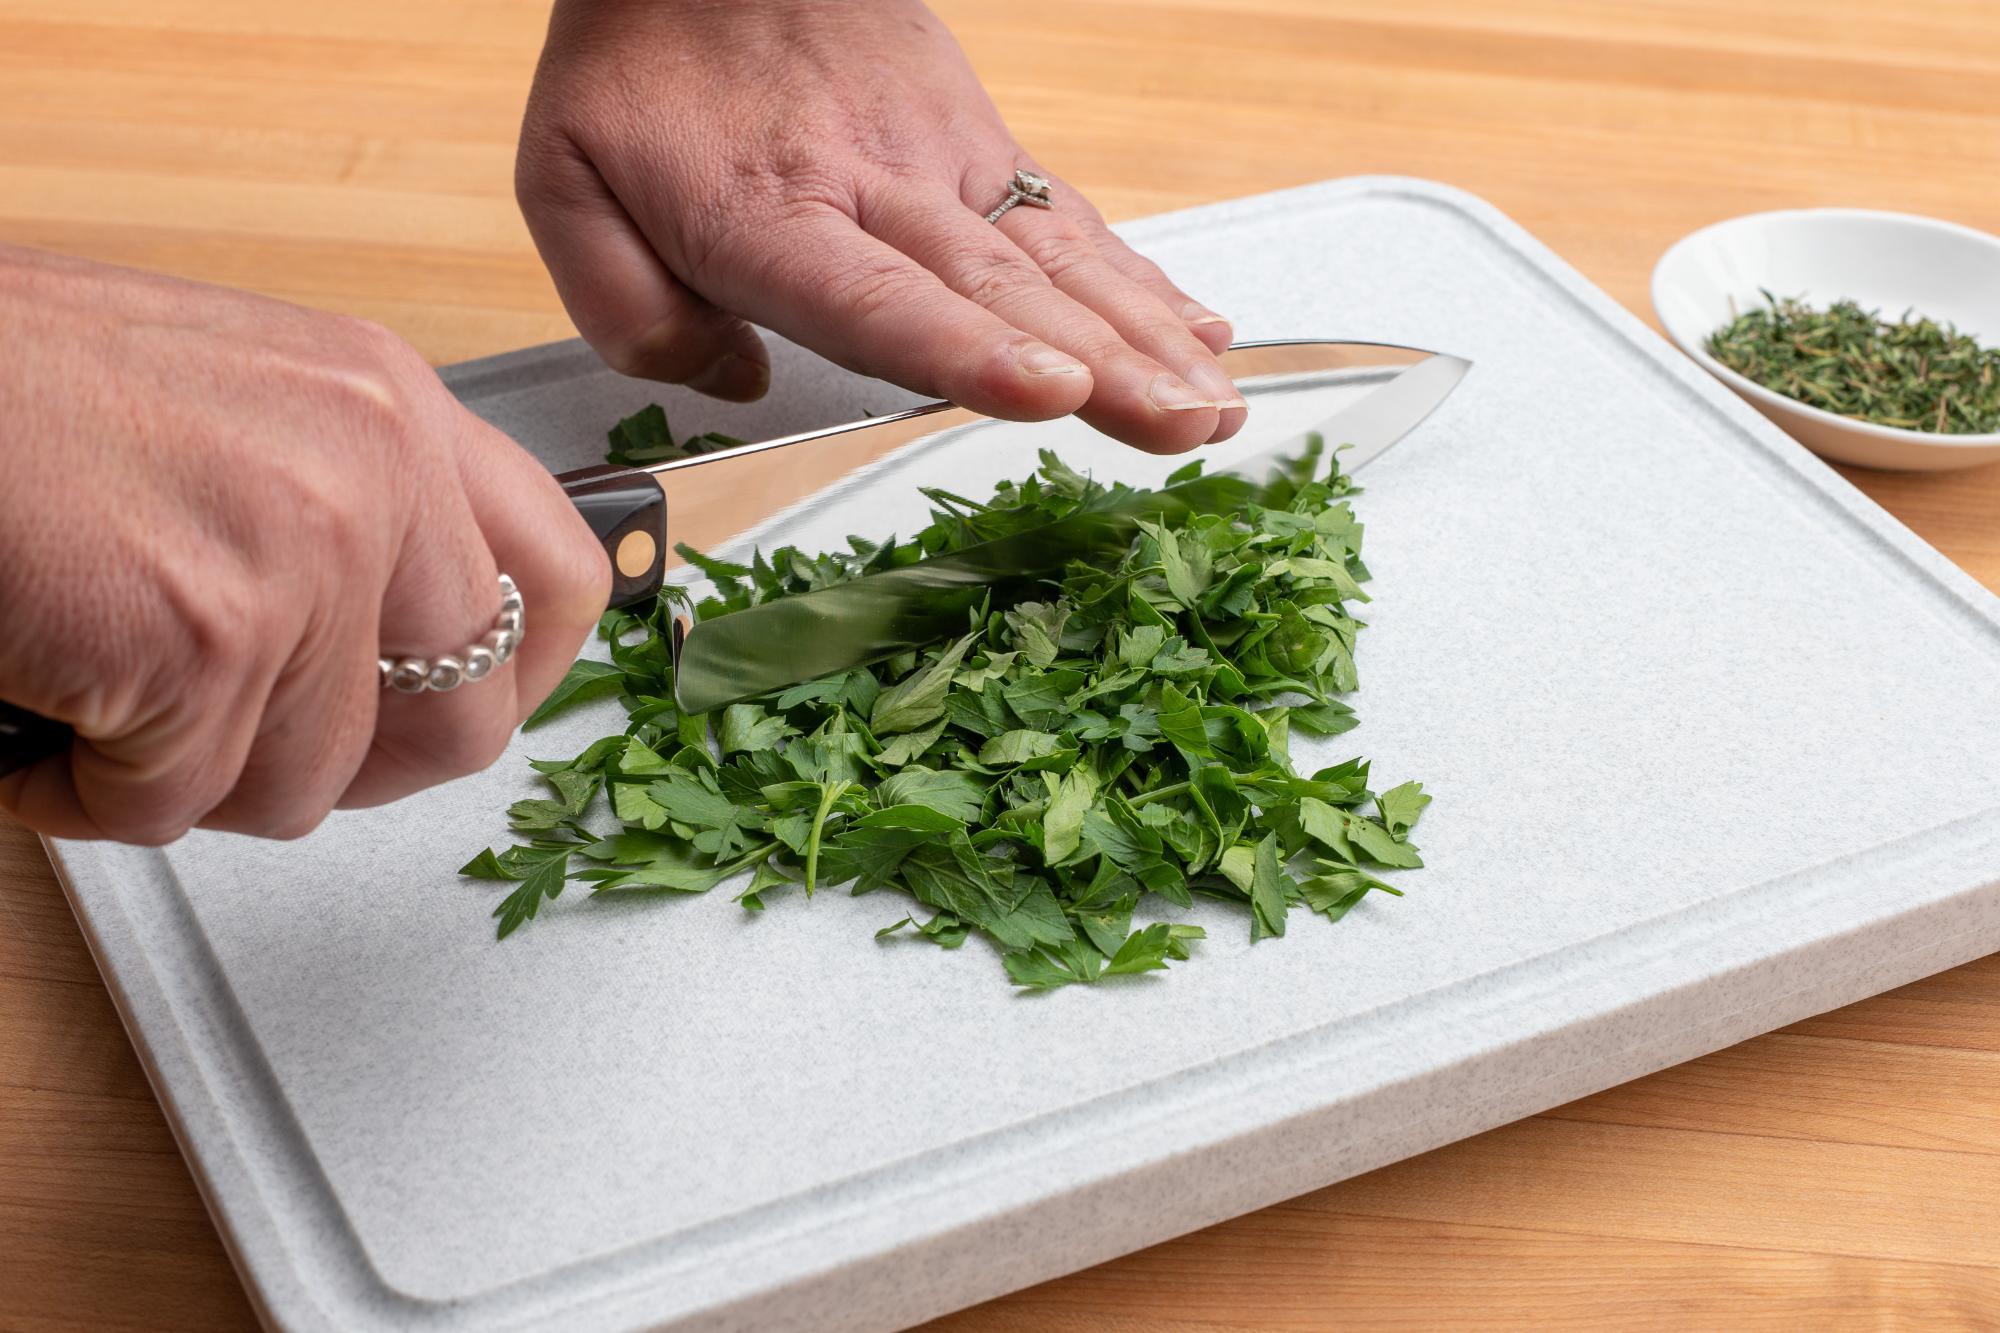 Chopping the herbs.